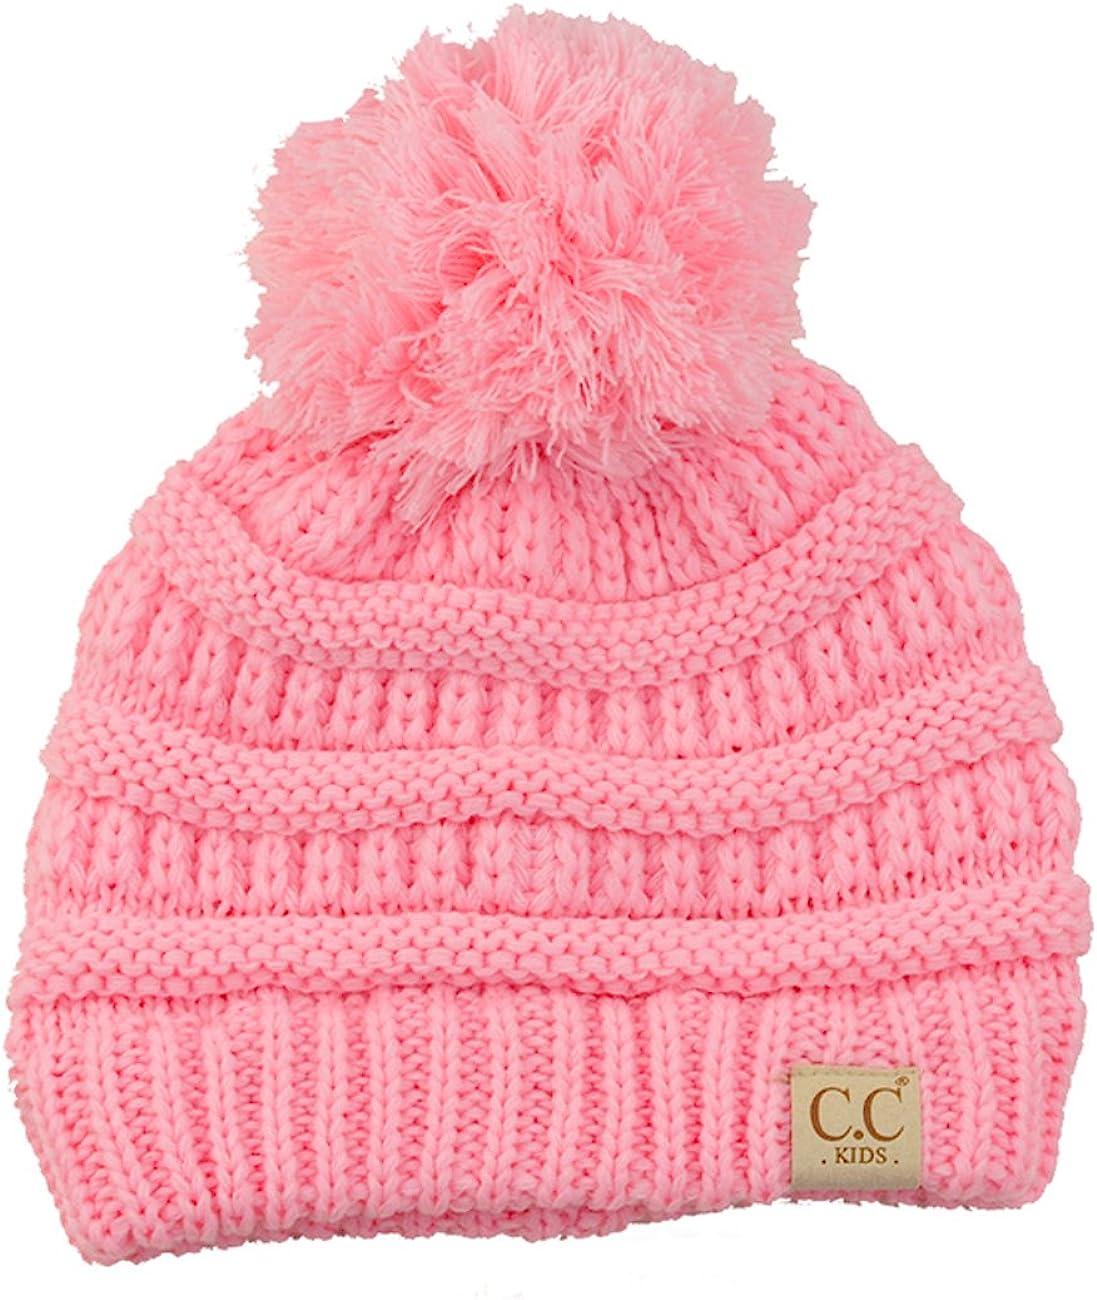 C.C Kids Cute Warm and Comfy Pom Pom Childrens Knit Ski Beanie Hat